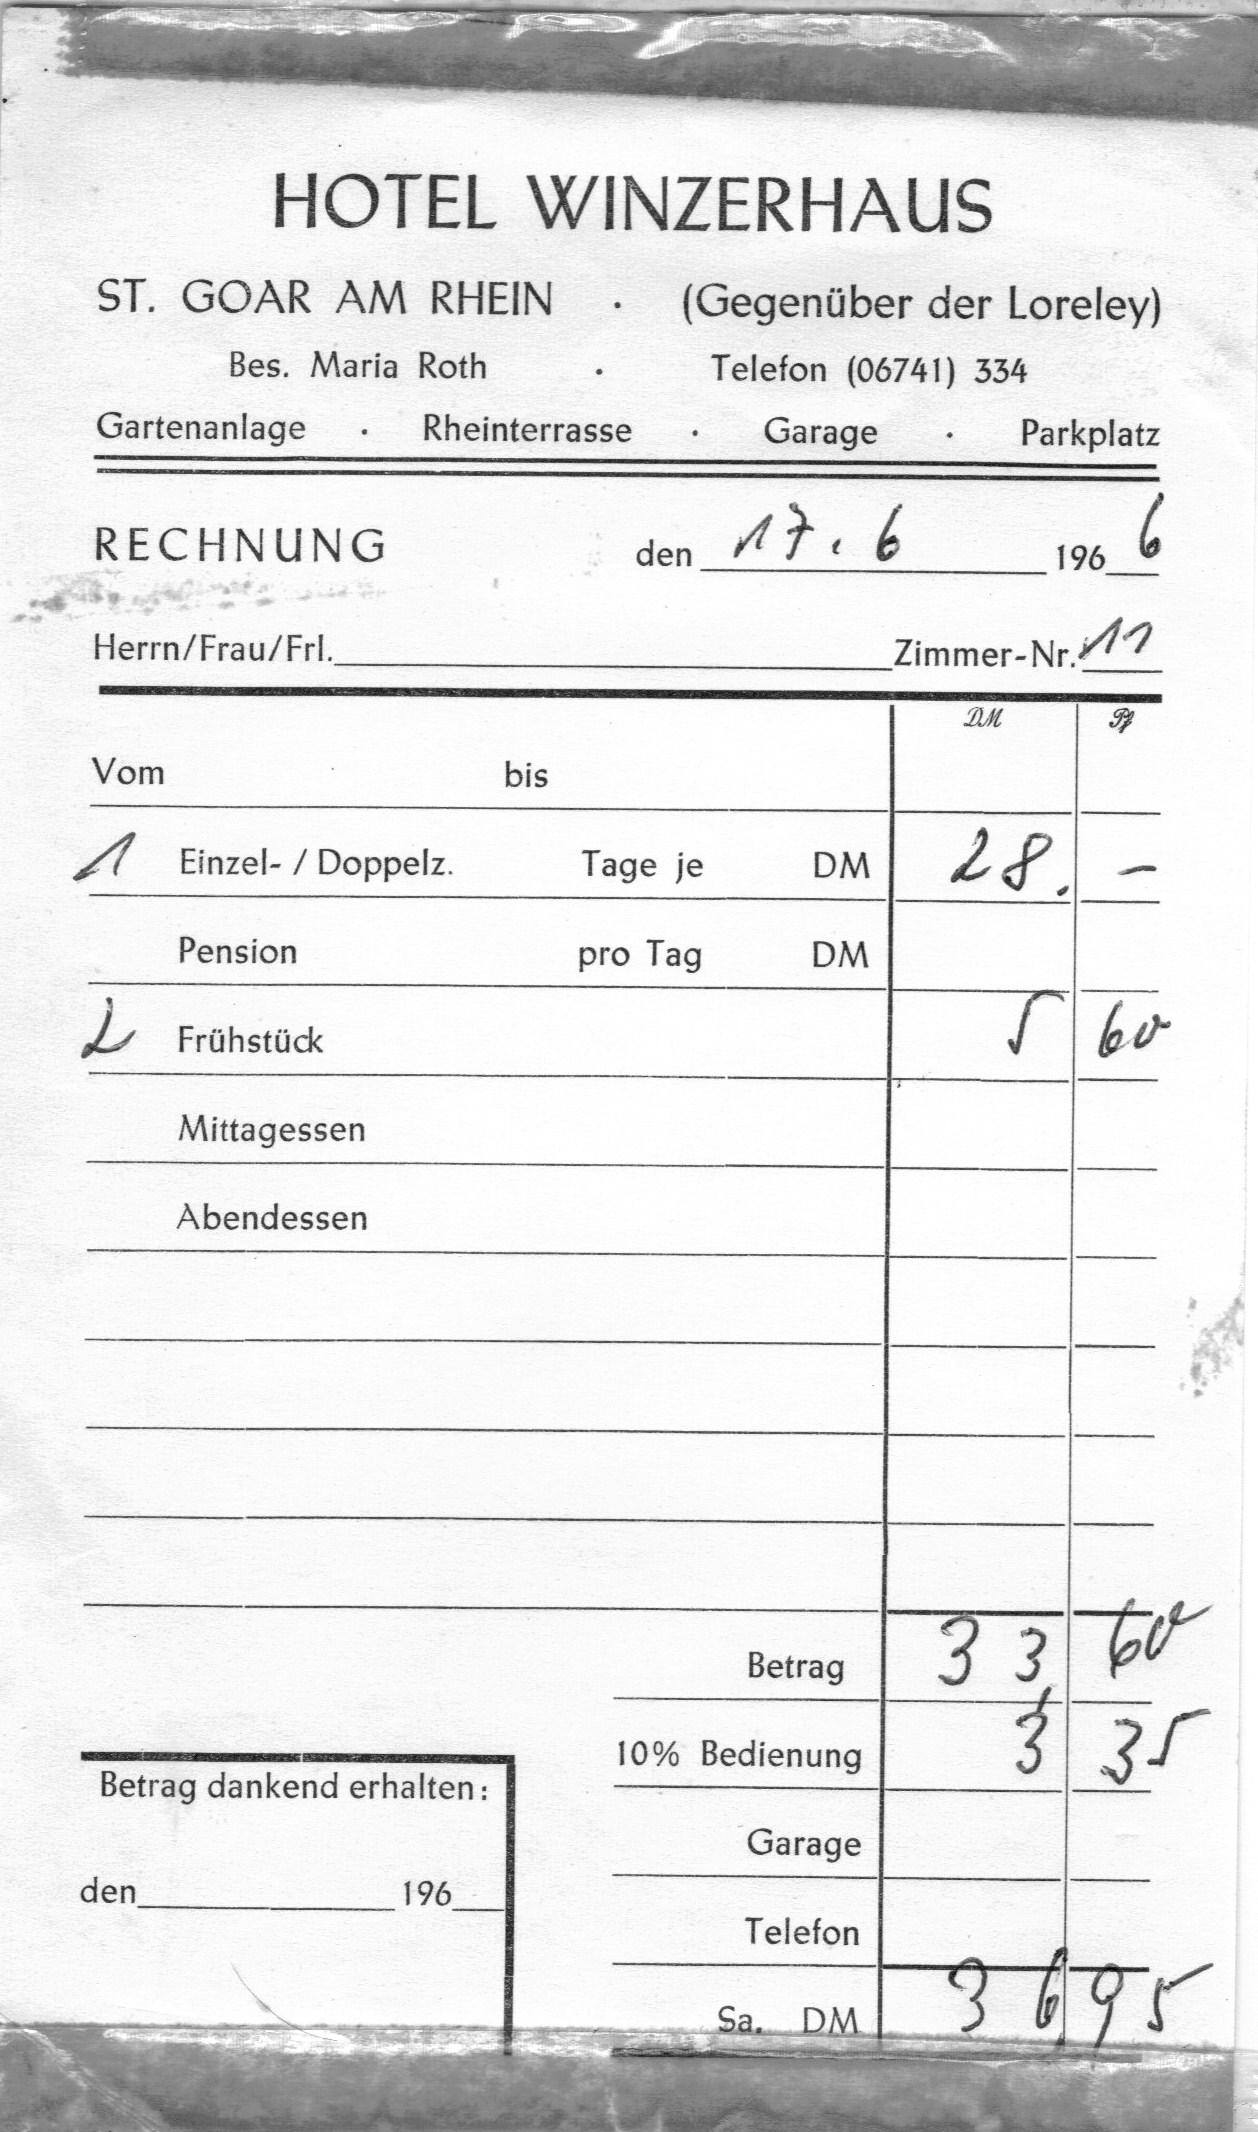 Honeymoon - Hotel Winzerhaus, St. Goar on Rhine, June 17, 1966